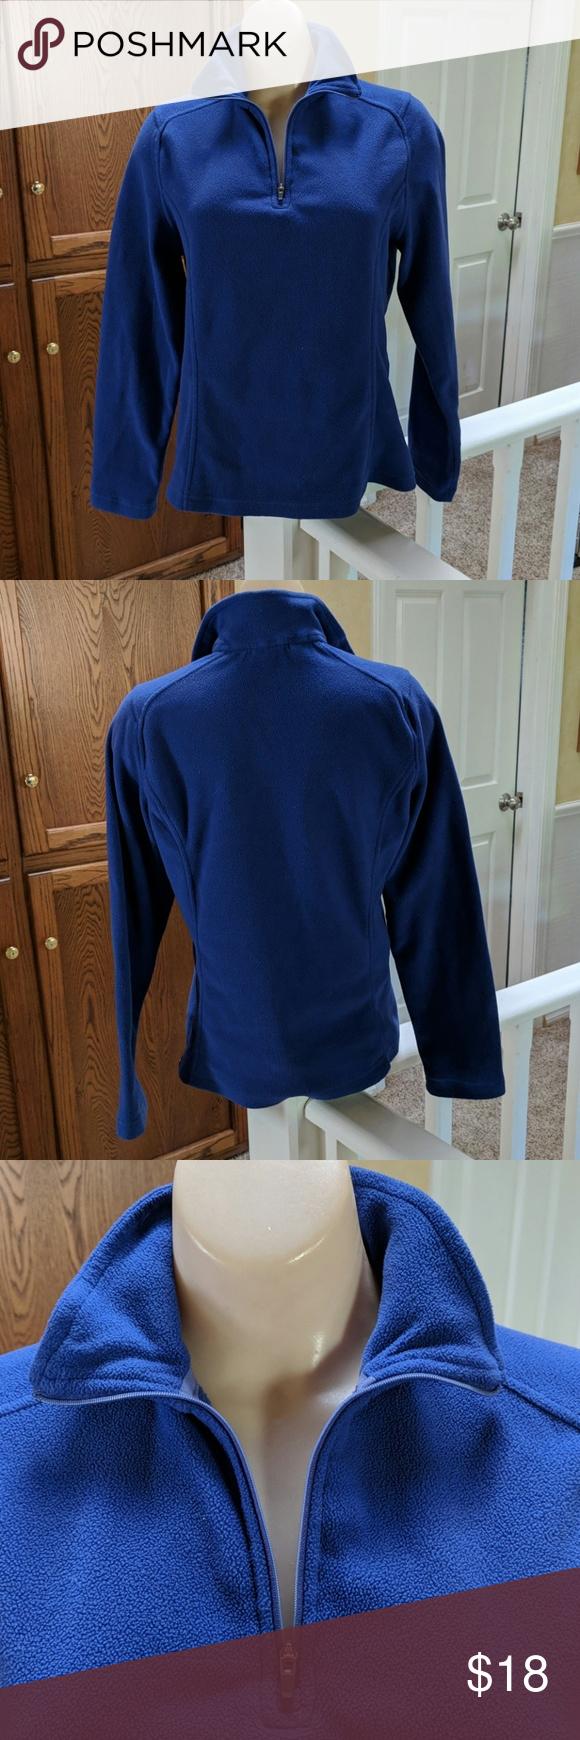 Lands End Women S 1 4 Zip Fleece Pullover Fleece Pullover Clothes Design Blue Sweatshirt [ 1740 x 580 Pixel ]